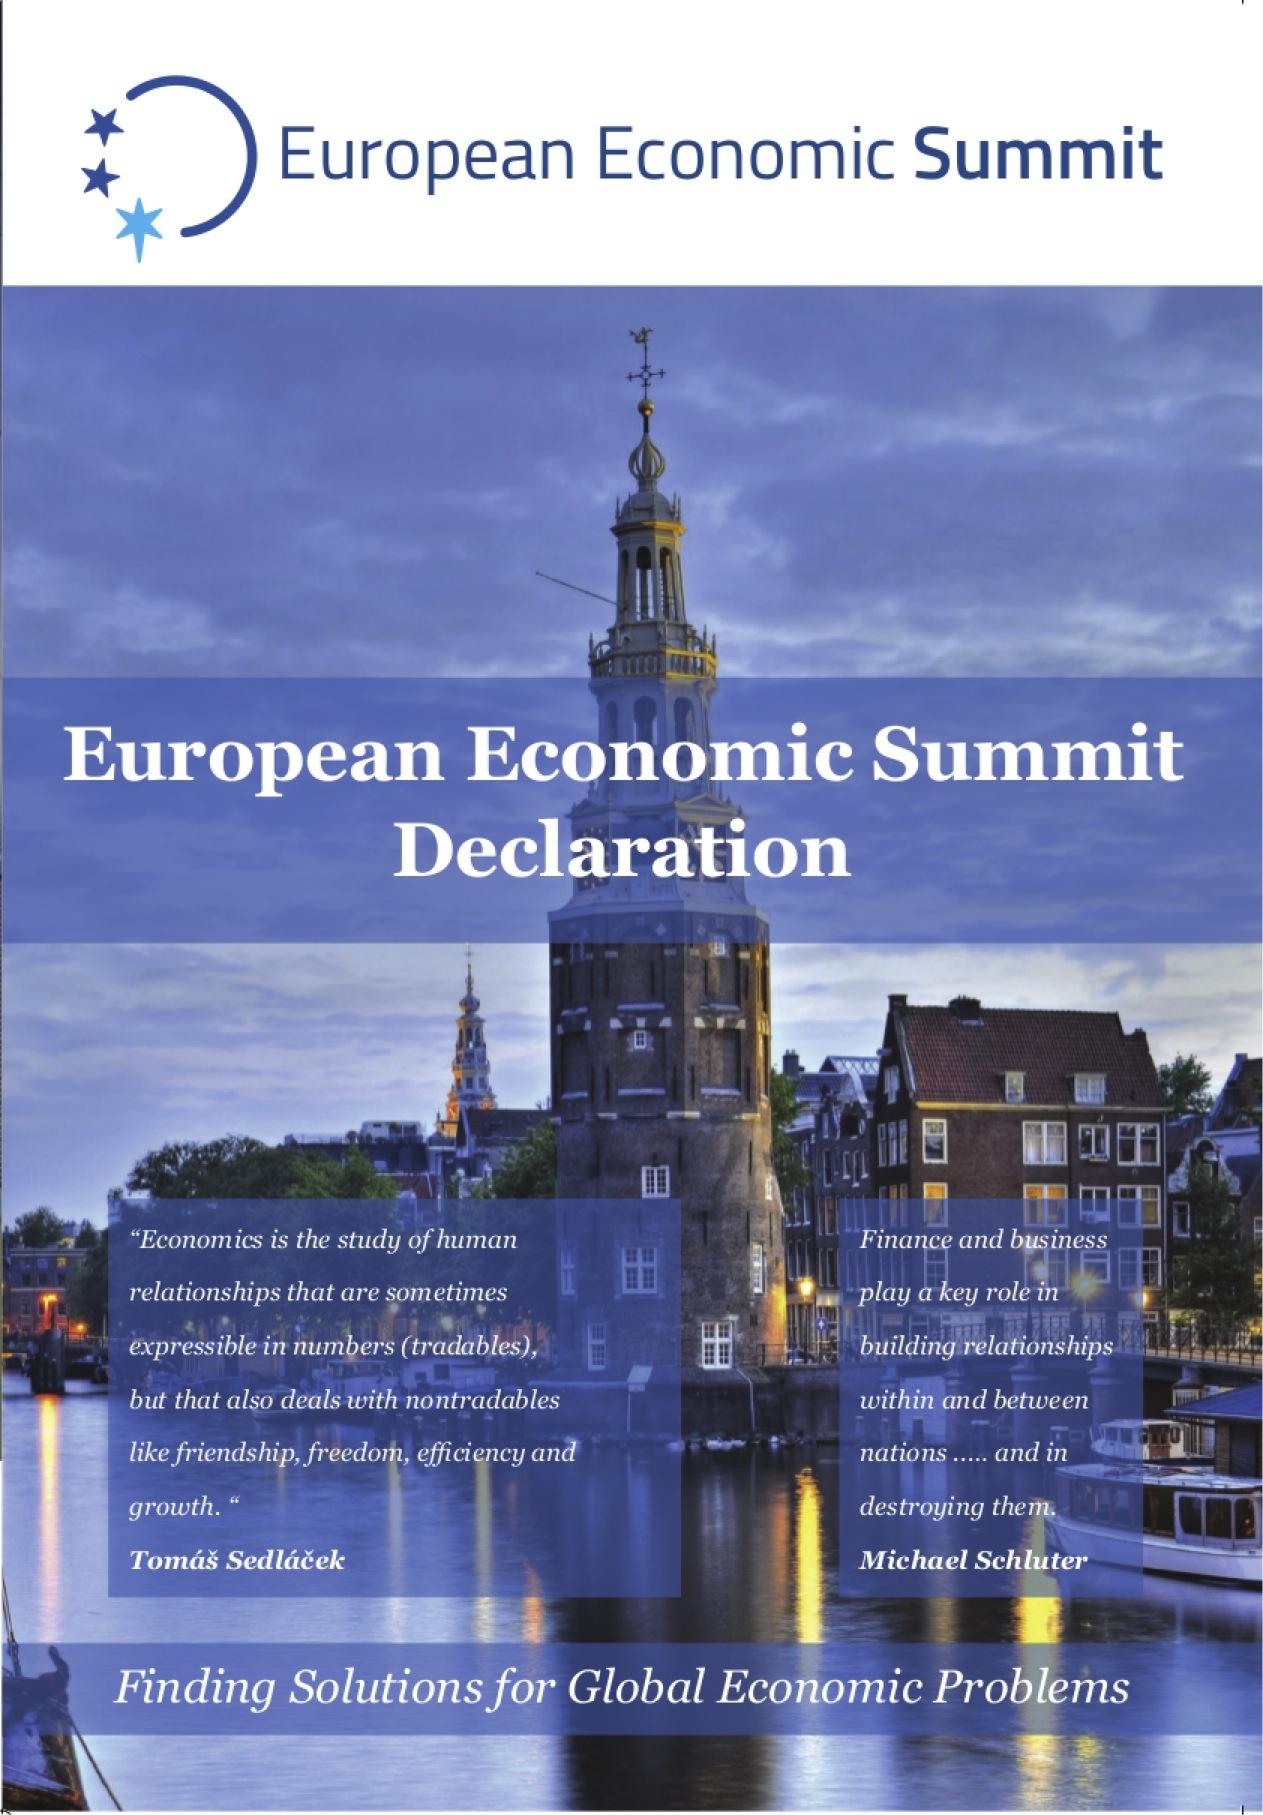 EES Declaration 2015